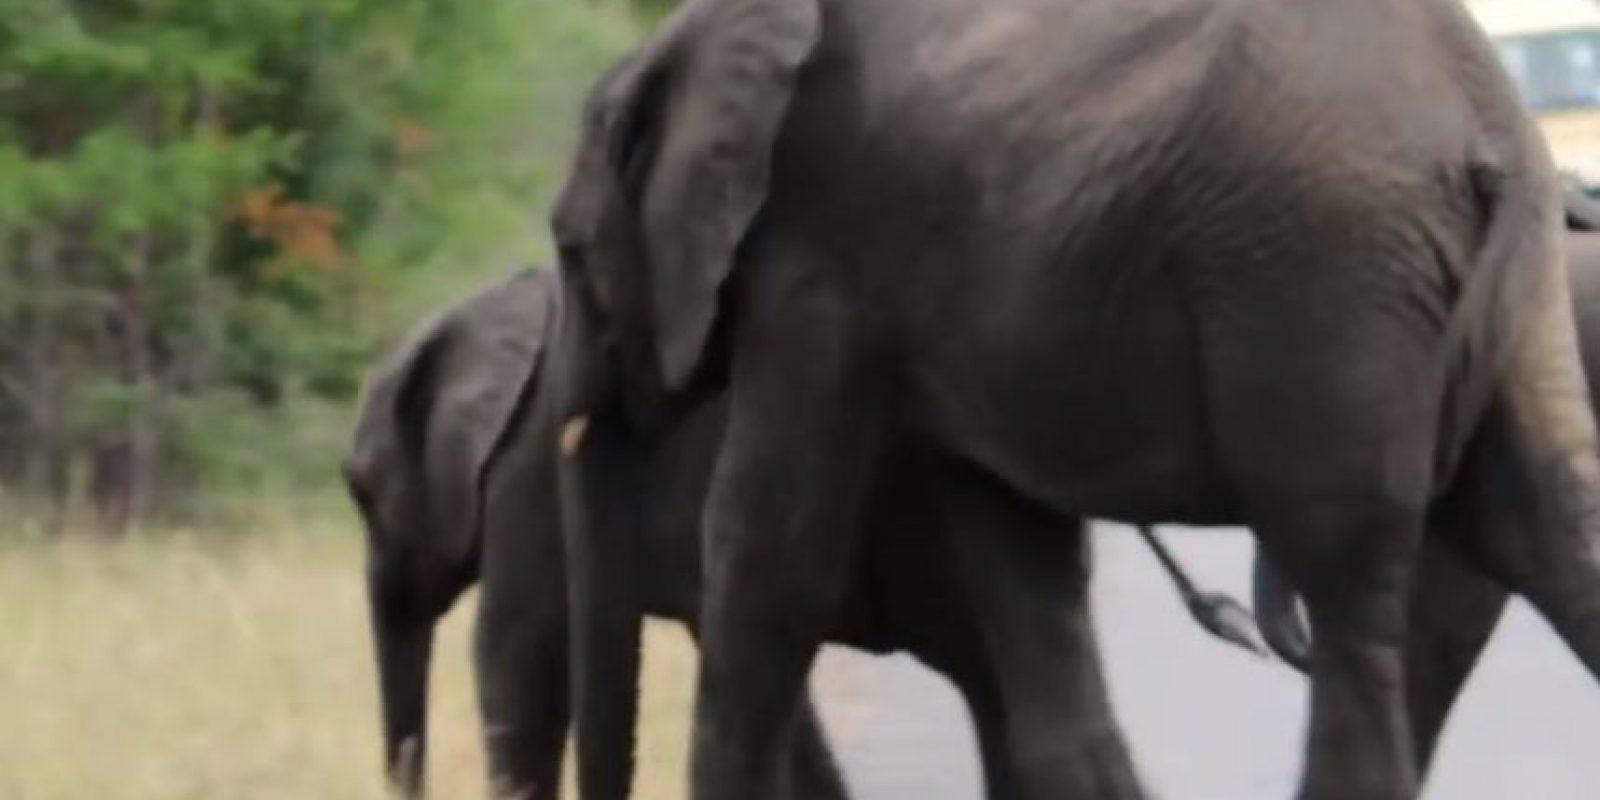 Al final, el pequeño retomó el camino. Foto:vía Youtube/Kruger Sightings